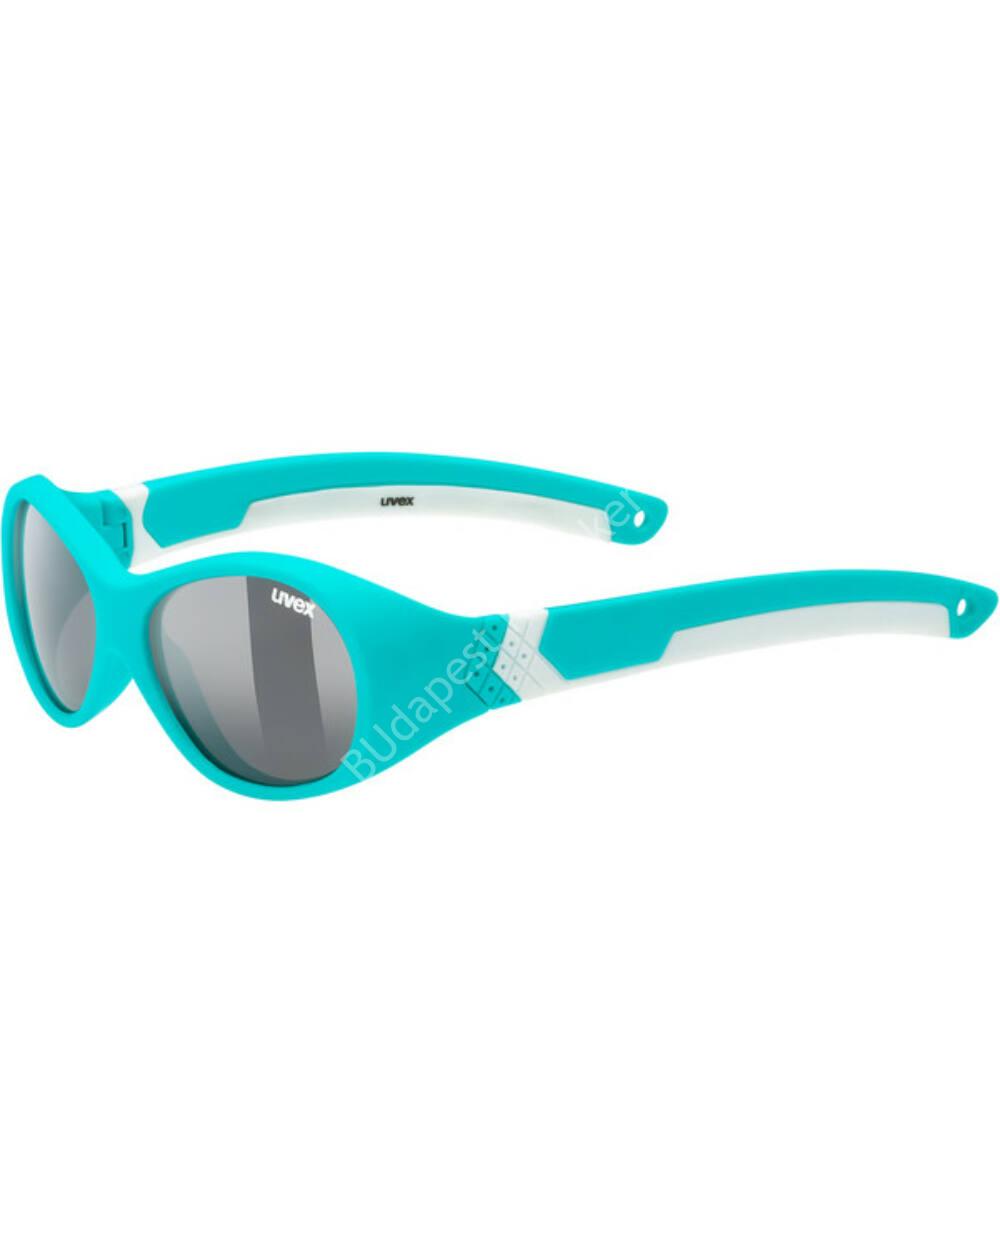 Uvex sportstyle 510 UV-védős sportszemüveg 1-3 éves, türkiz-fehér